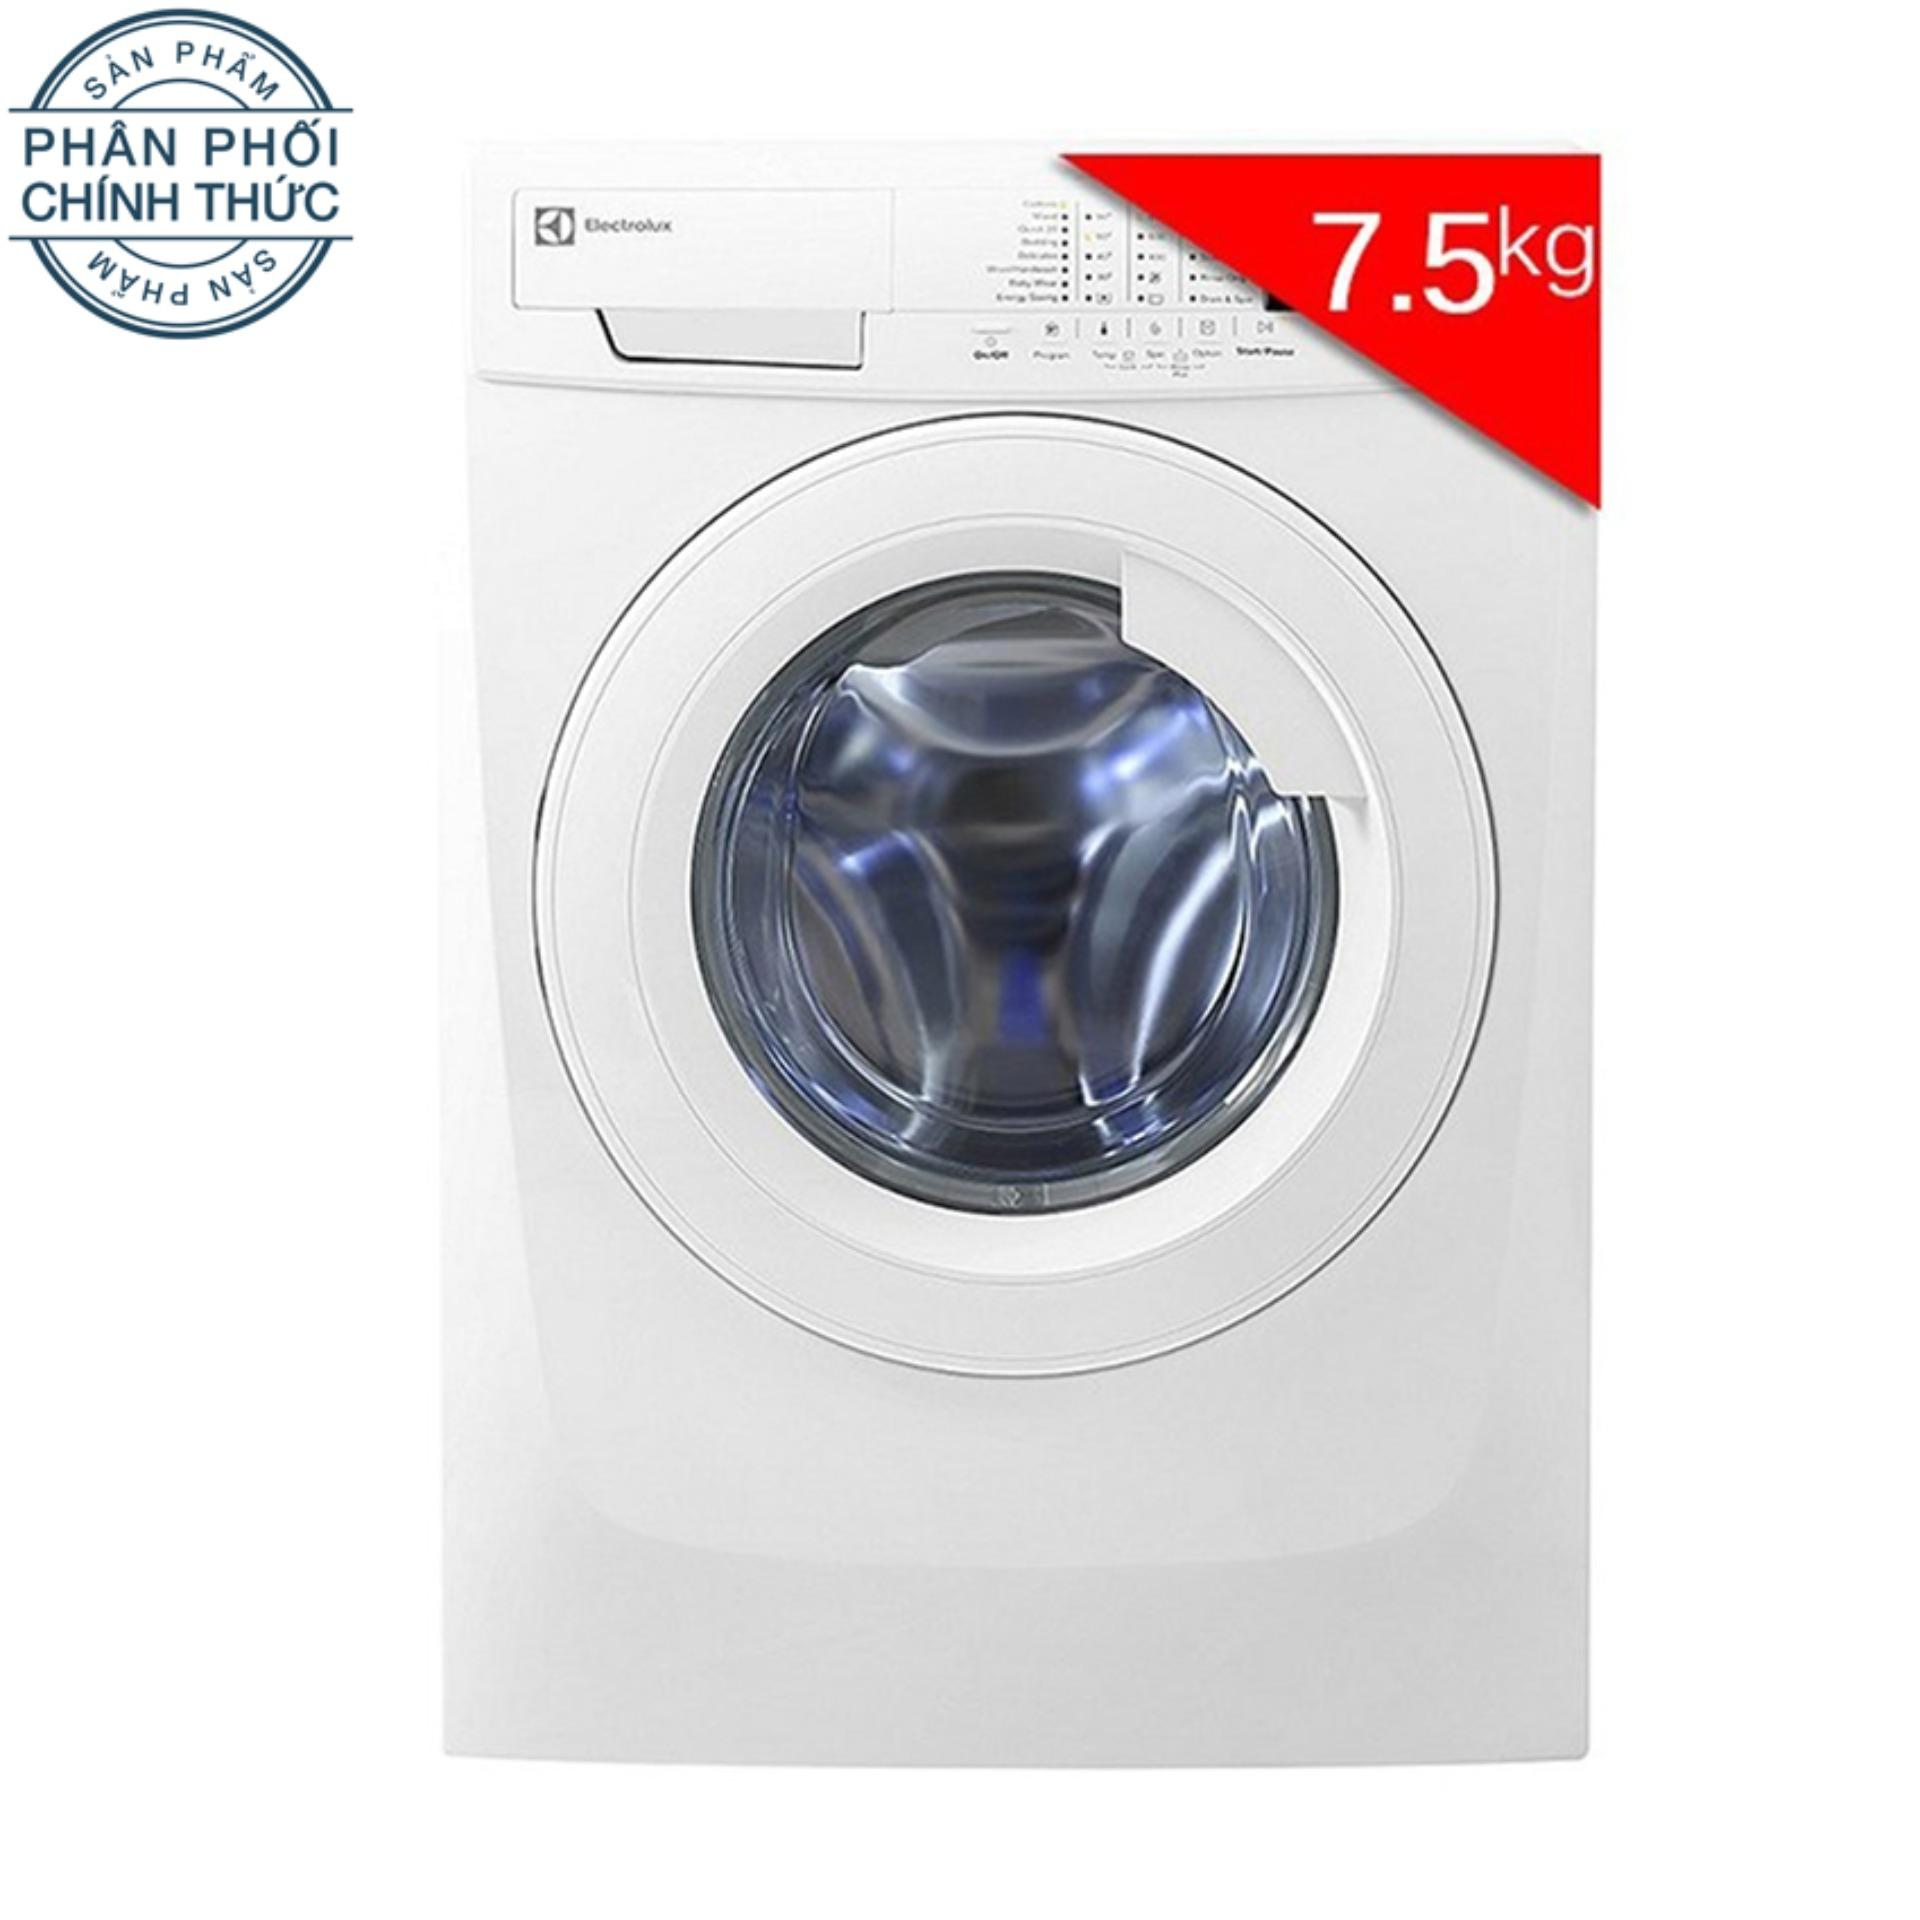 Cửa Hàng May Giặt Cửa Trước Electrolux Ewf85743 7 5Kg Trắng Trực Tuyến